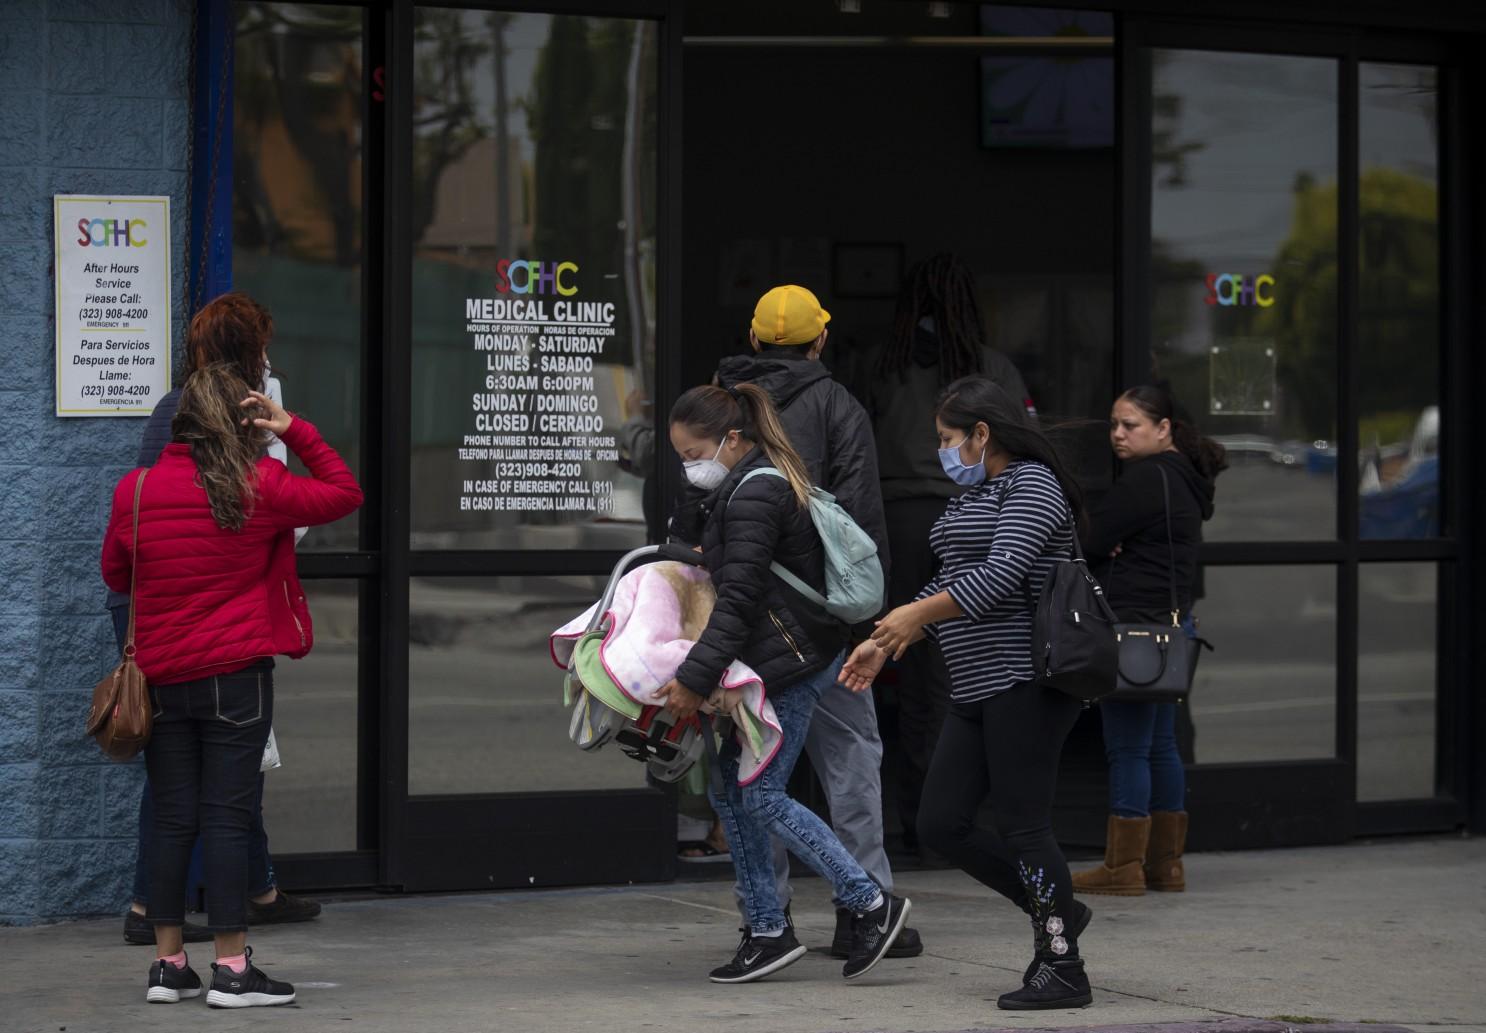 洛杉矶县25%以上家庭至少经历过一次粮食不安全事件